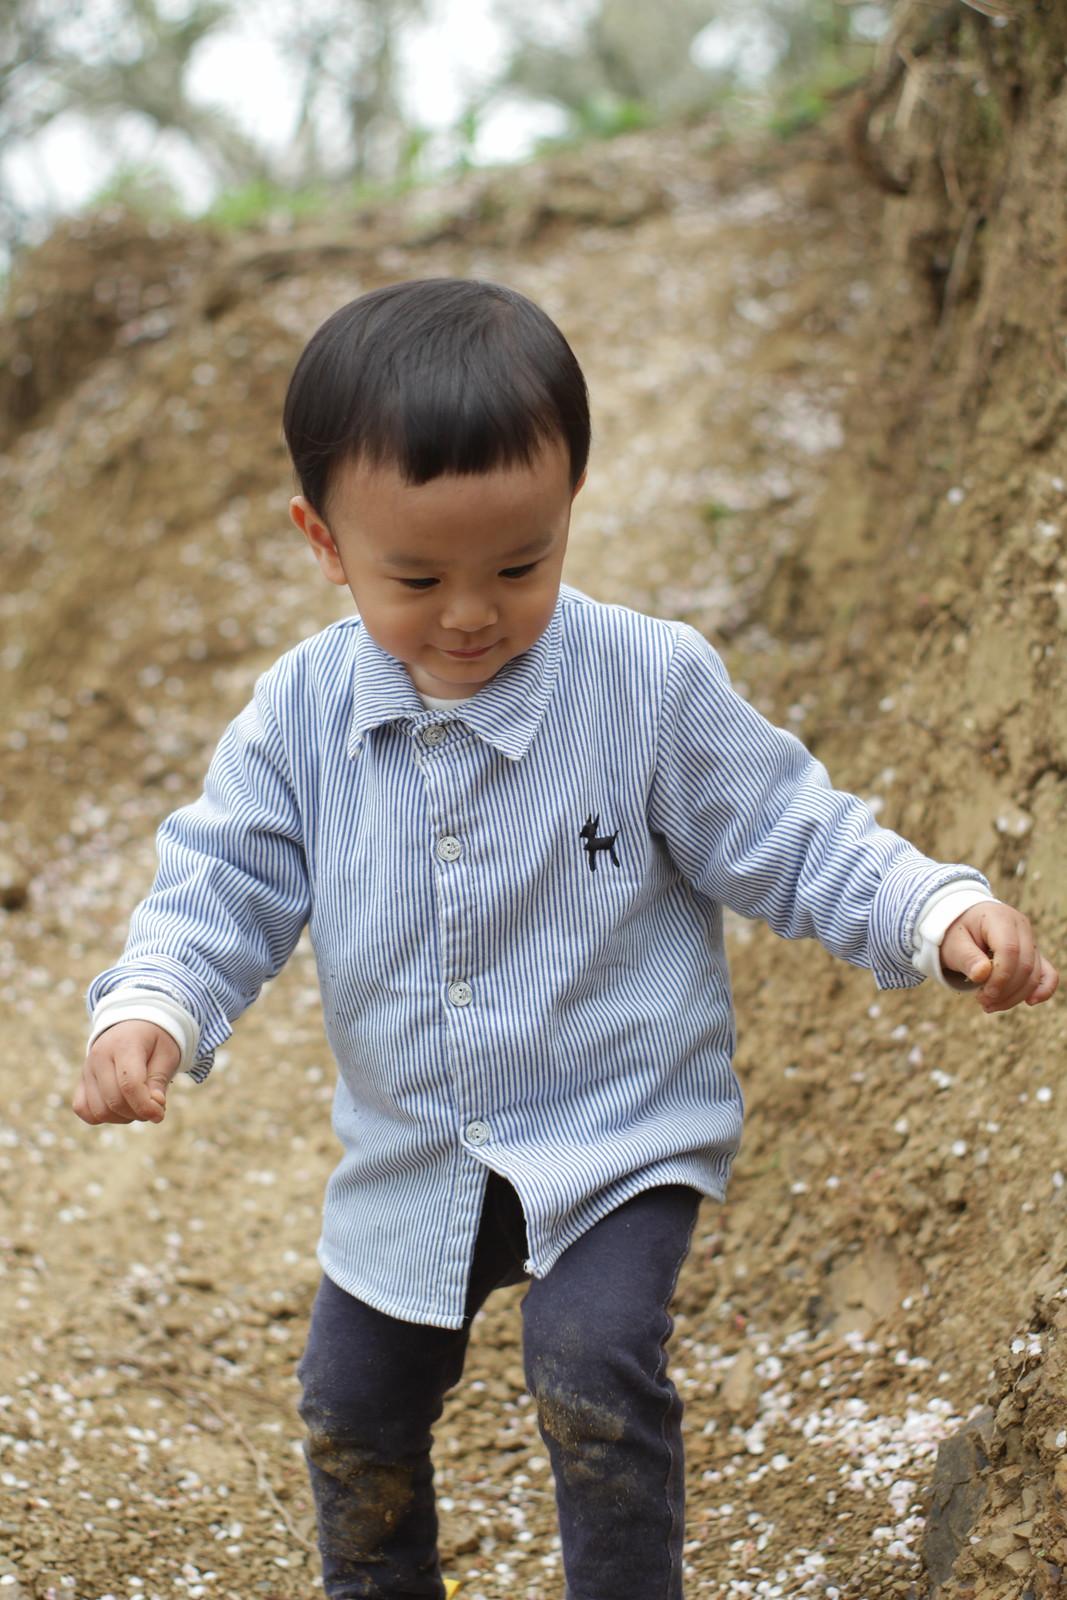 然後他玩著玩著就兩歲